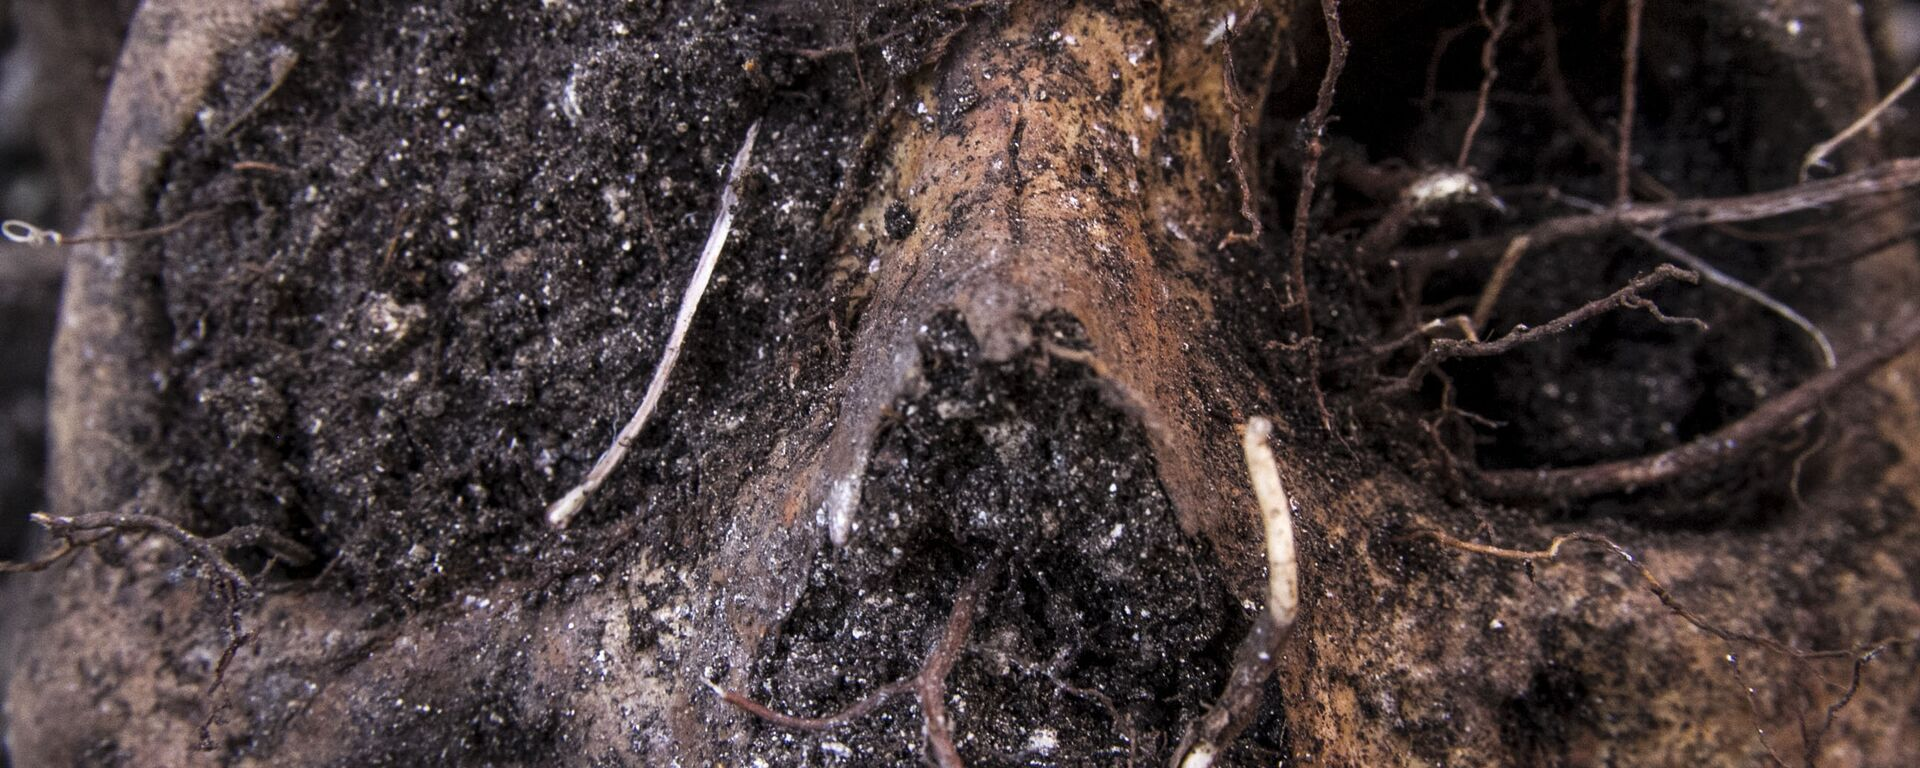 Huitzuco, Guerrero. Cráneo localizado en una fosa clandestina. - Sputnik Mundo, 1920, 07.07.2021